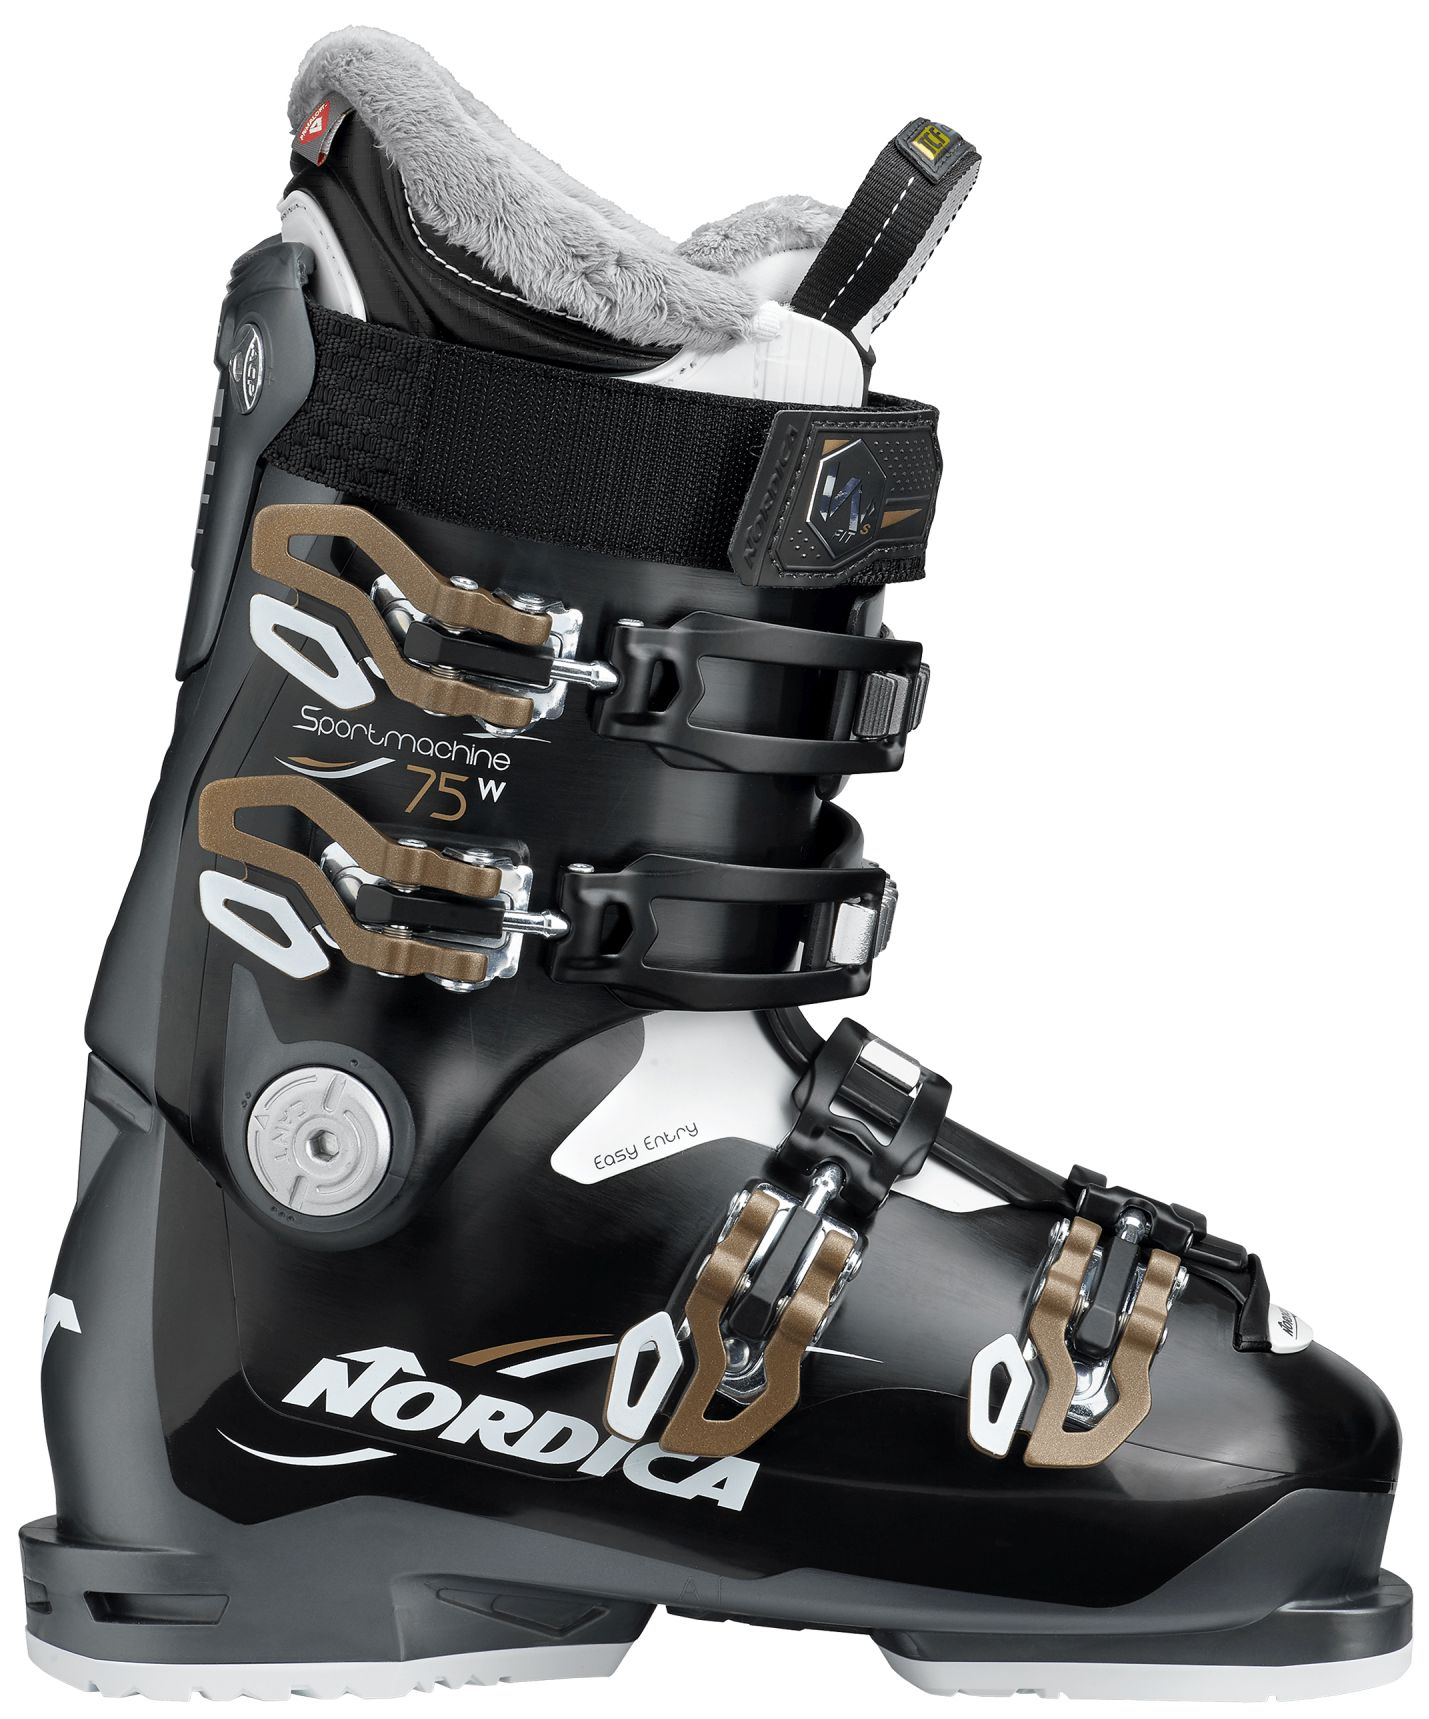 Nordica Sportmachine 75 W - black-anthracite-bronze 250